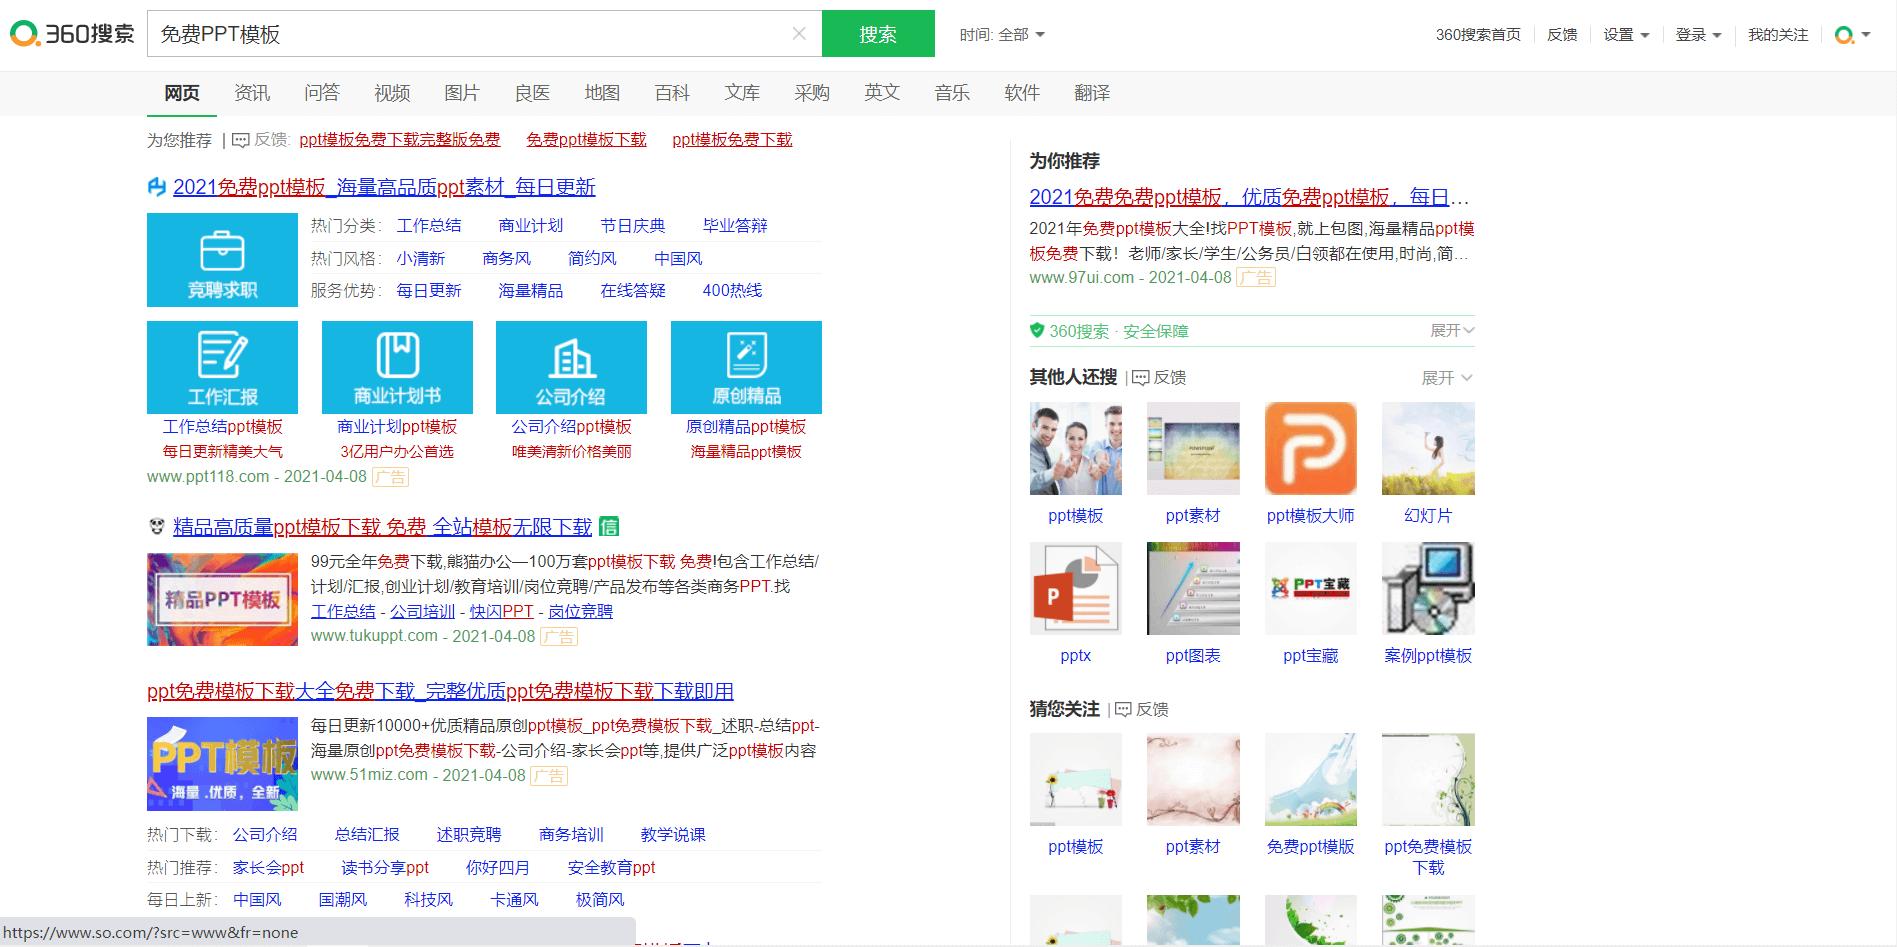 如何正确高效准确的使用搜索引擎?-6